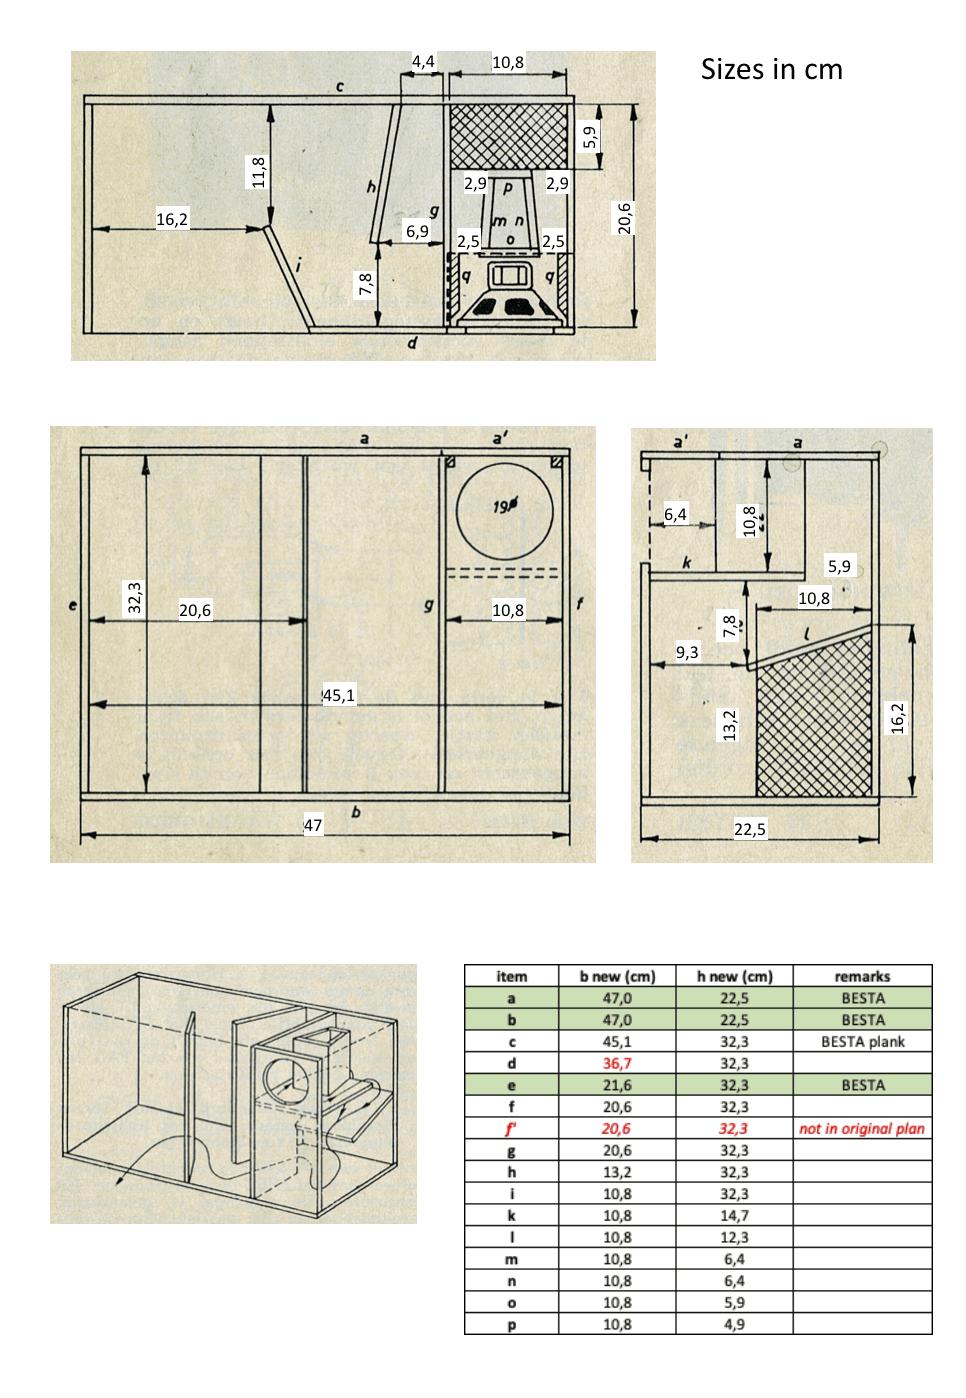 IKEA SYMFONISK folded horn speaker plan